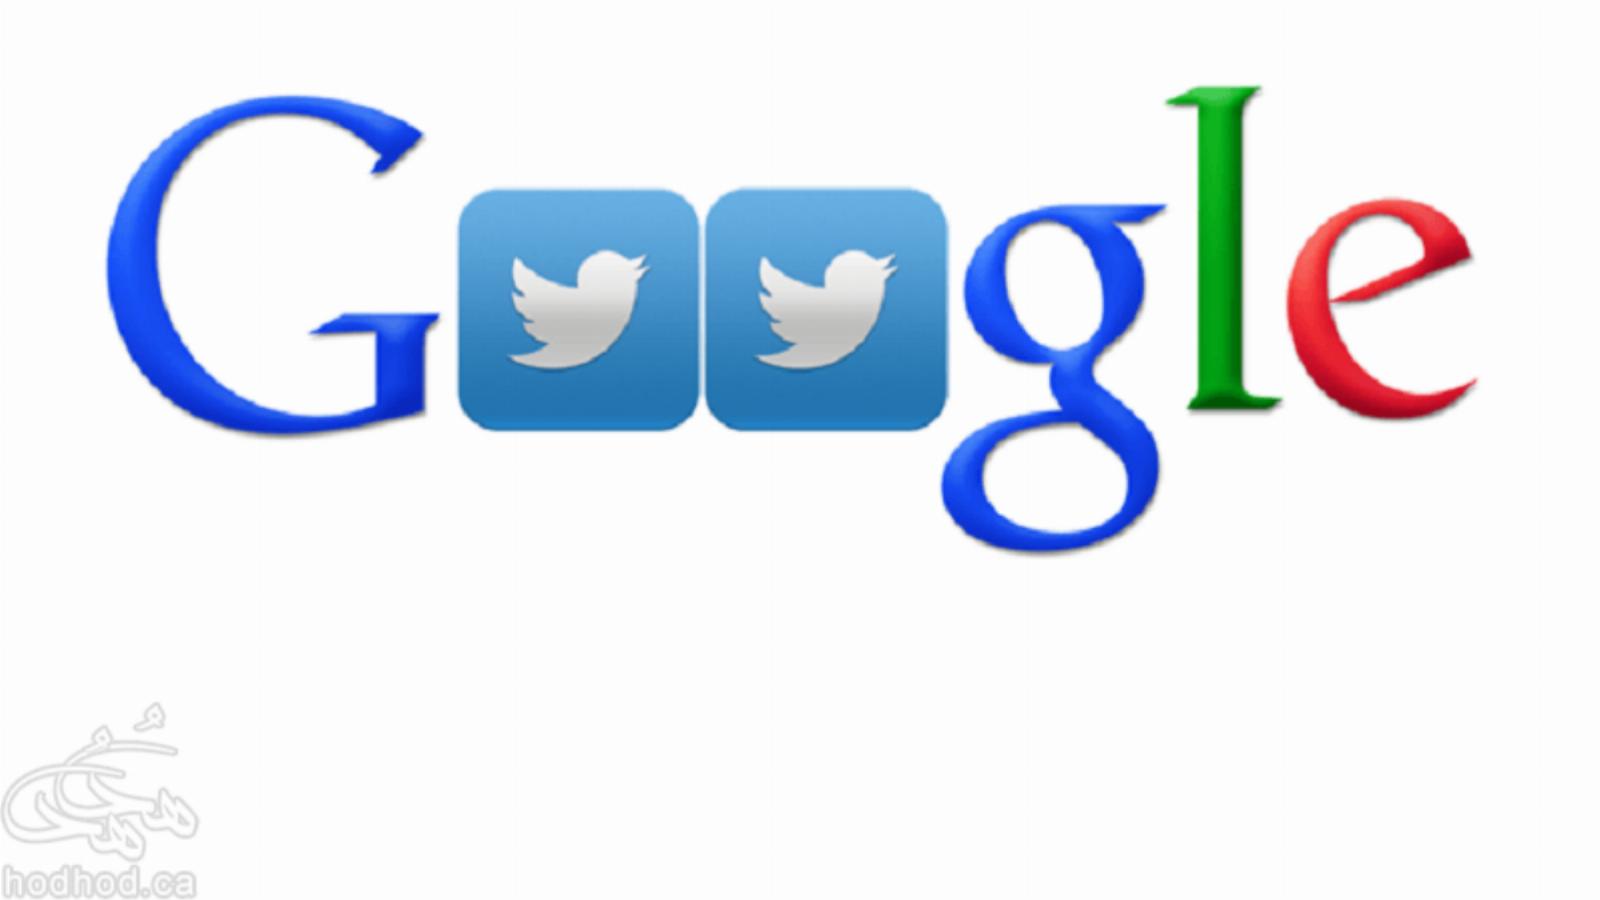 گوگل جدی ترین خریدار توییتر شد: پایان افسانه توییتر یا آغاز یک امپراطوری جدید؟